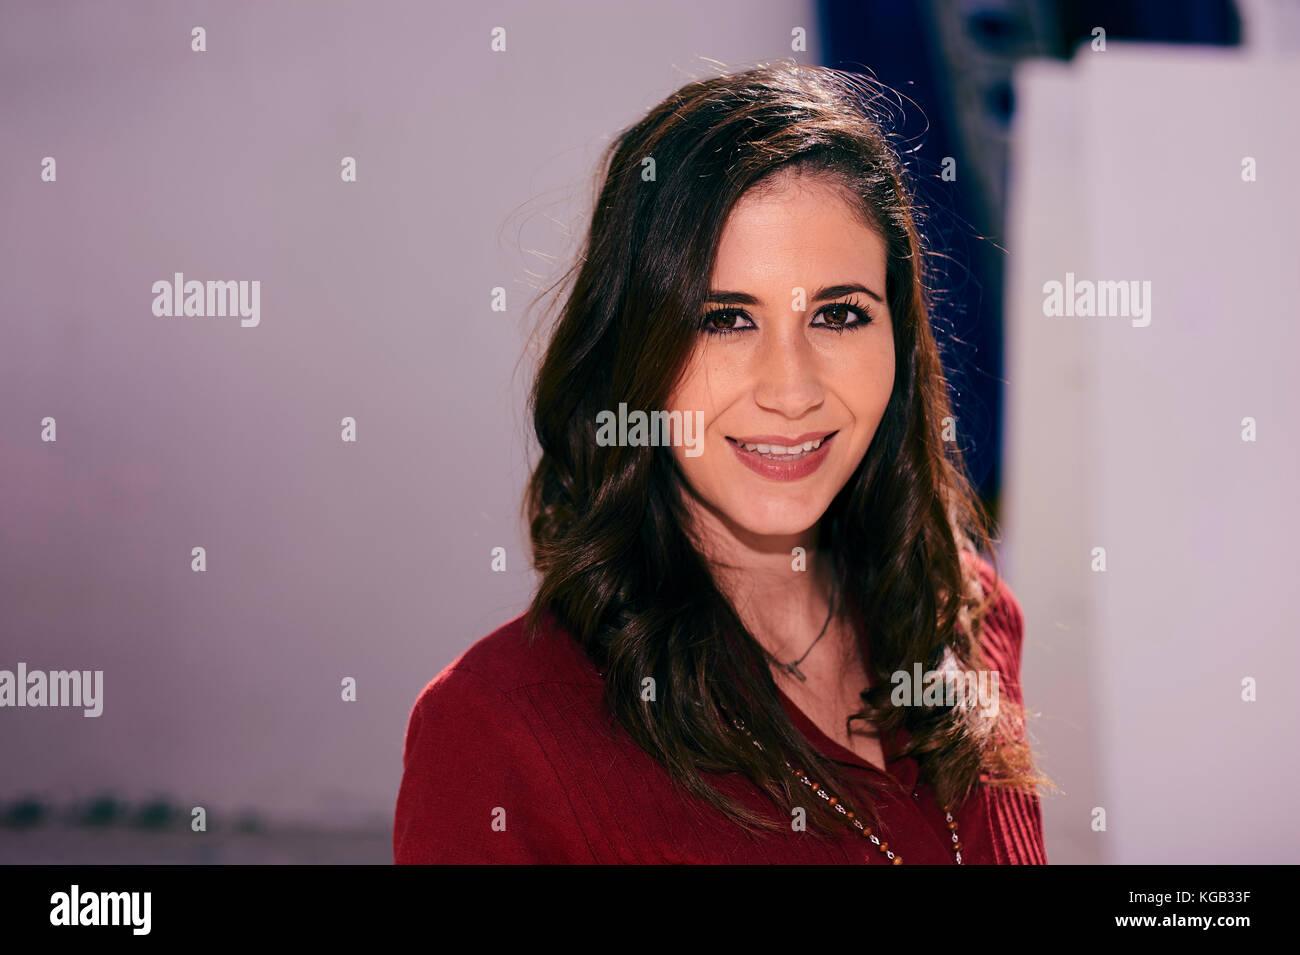 Giovani latino donna sorridente Immagini Stock